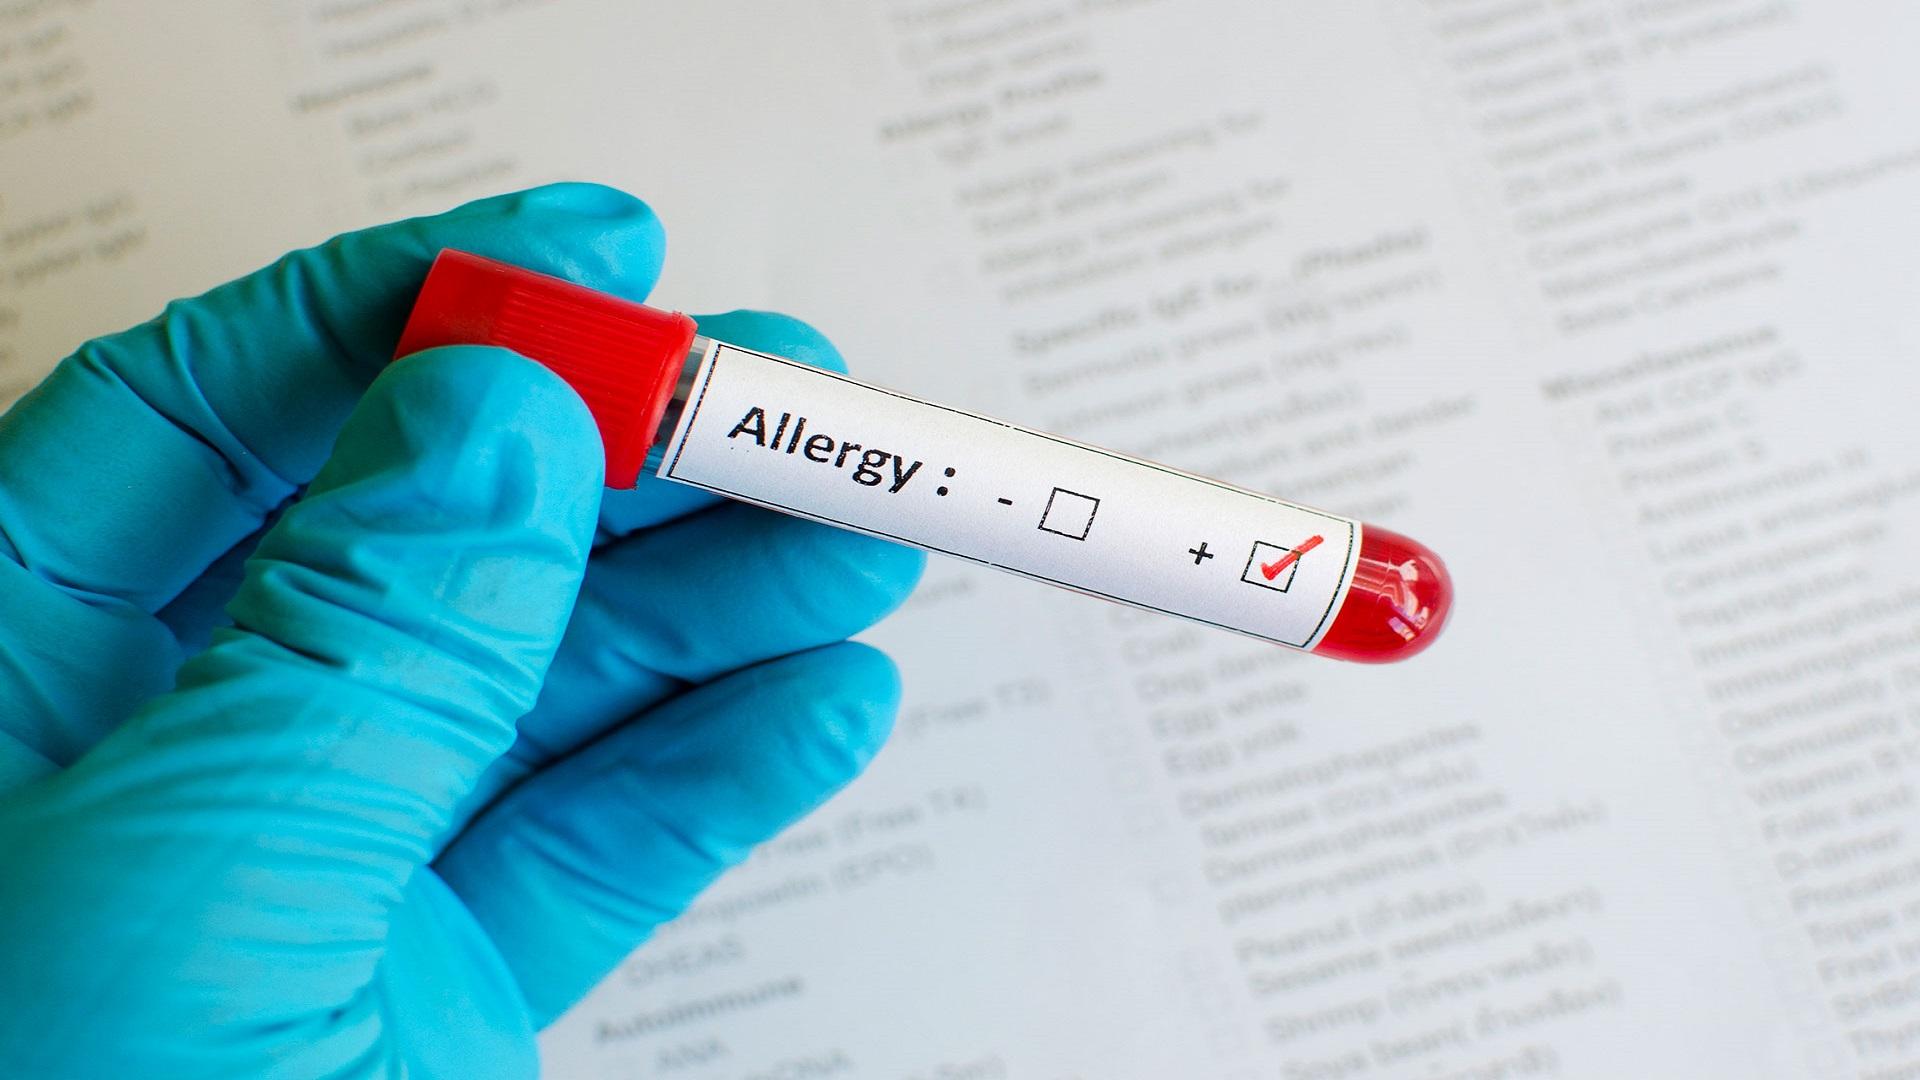 Έρευνα αποκαλύπτει πως πυροδοτούνται οι αλλεργικές αντιδράσεις